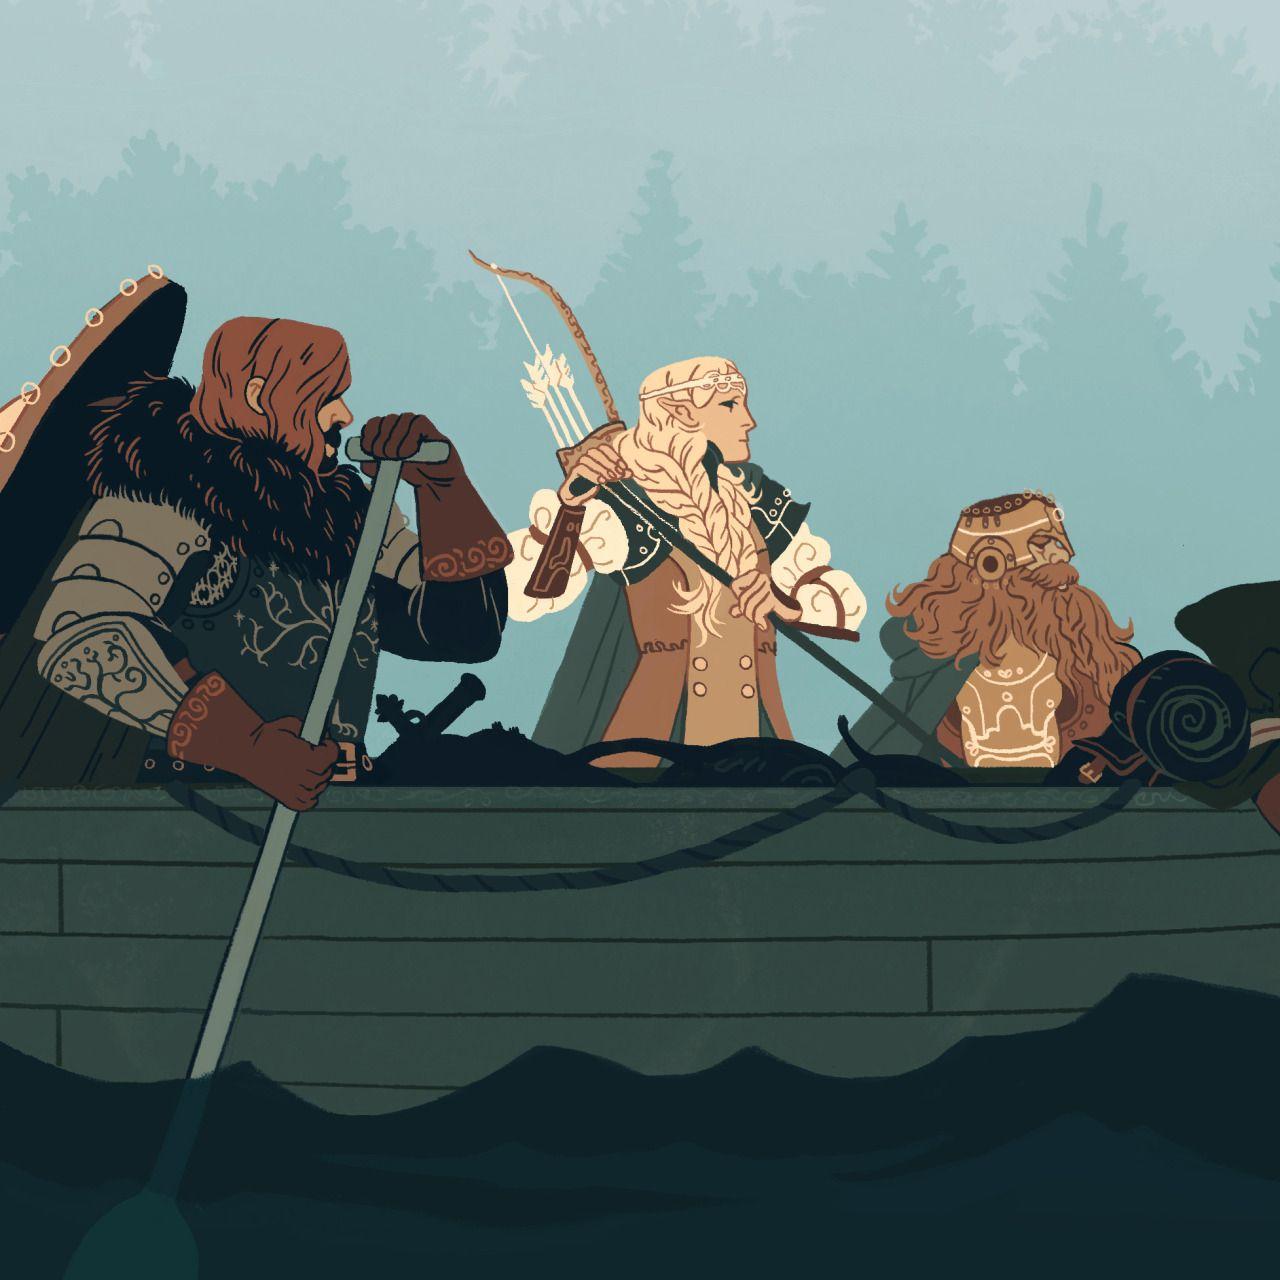 Legolas has elsa hair. Lol.still cool drawing.